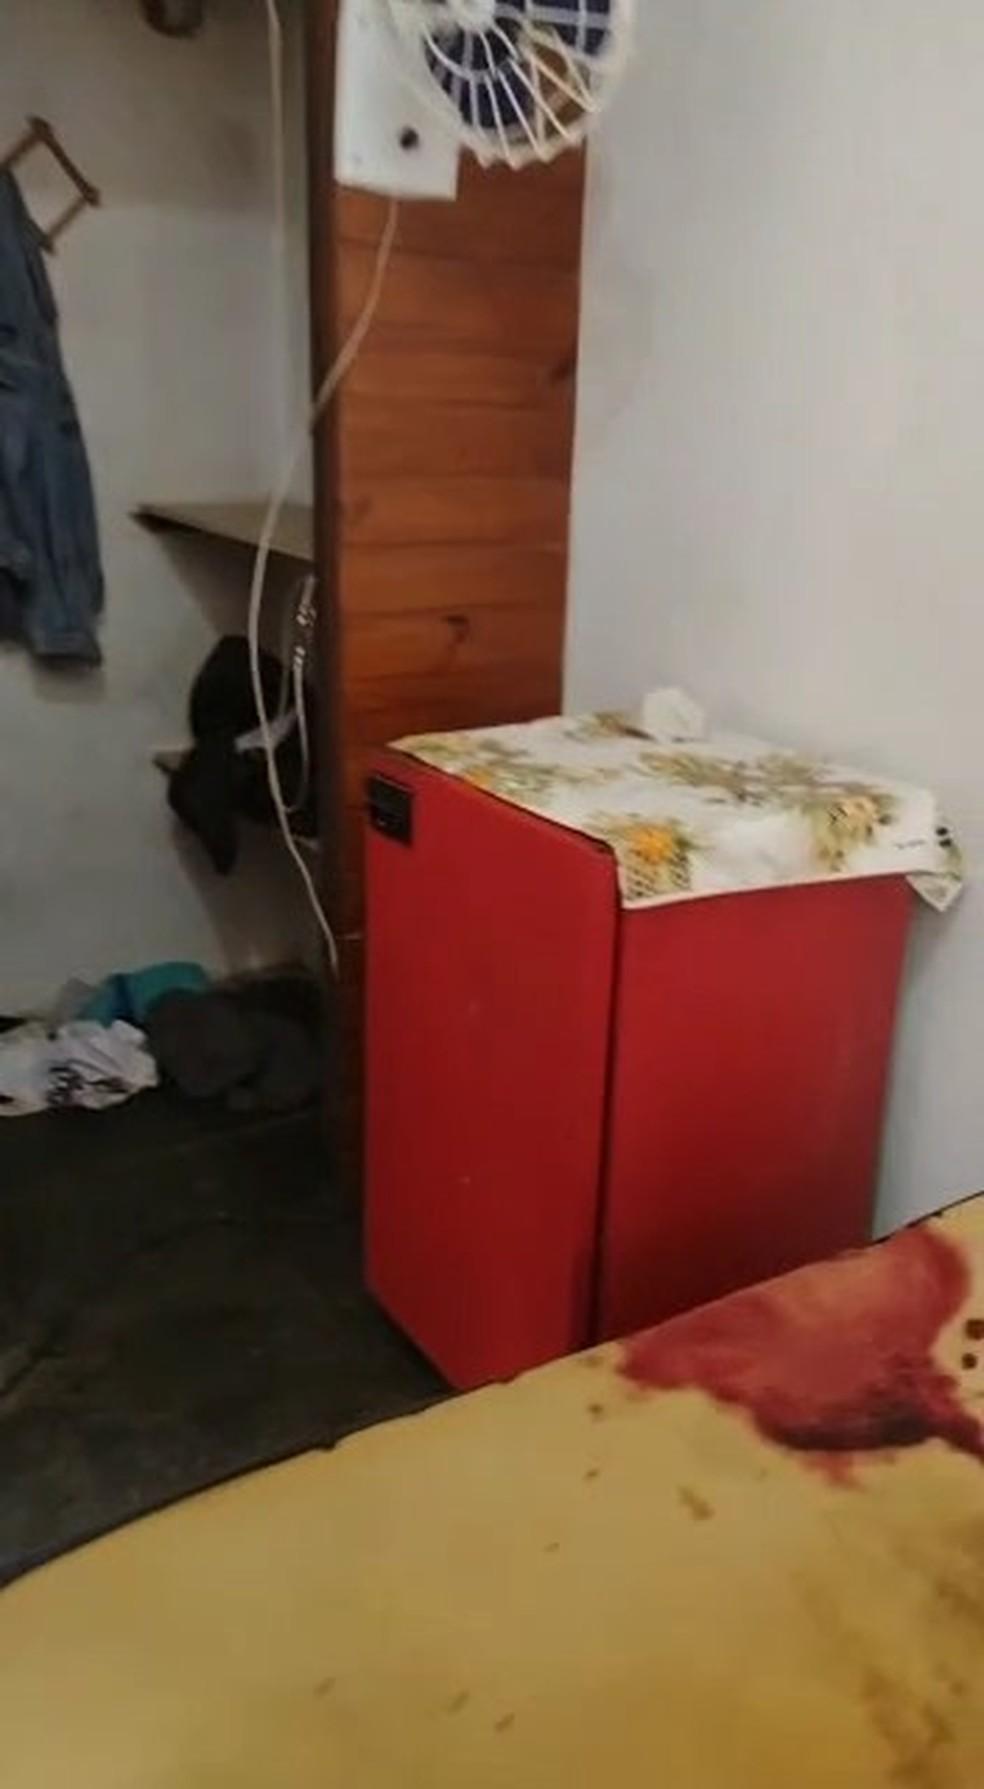 Crime ocorreu em um quarto de pousada em Itanhaém, SP, onde os dois homens faziam o uso de cocaína — Foto: Divulgação/Polícia Civil